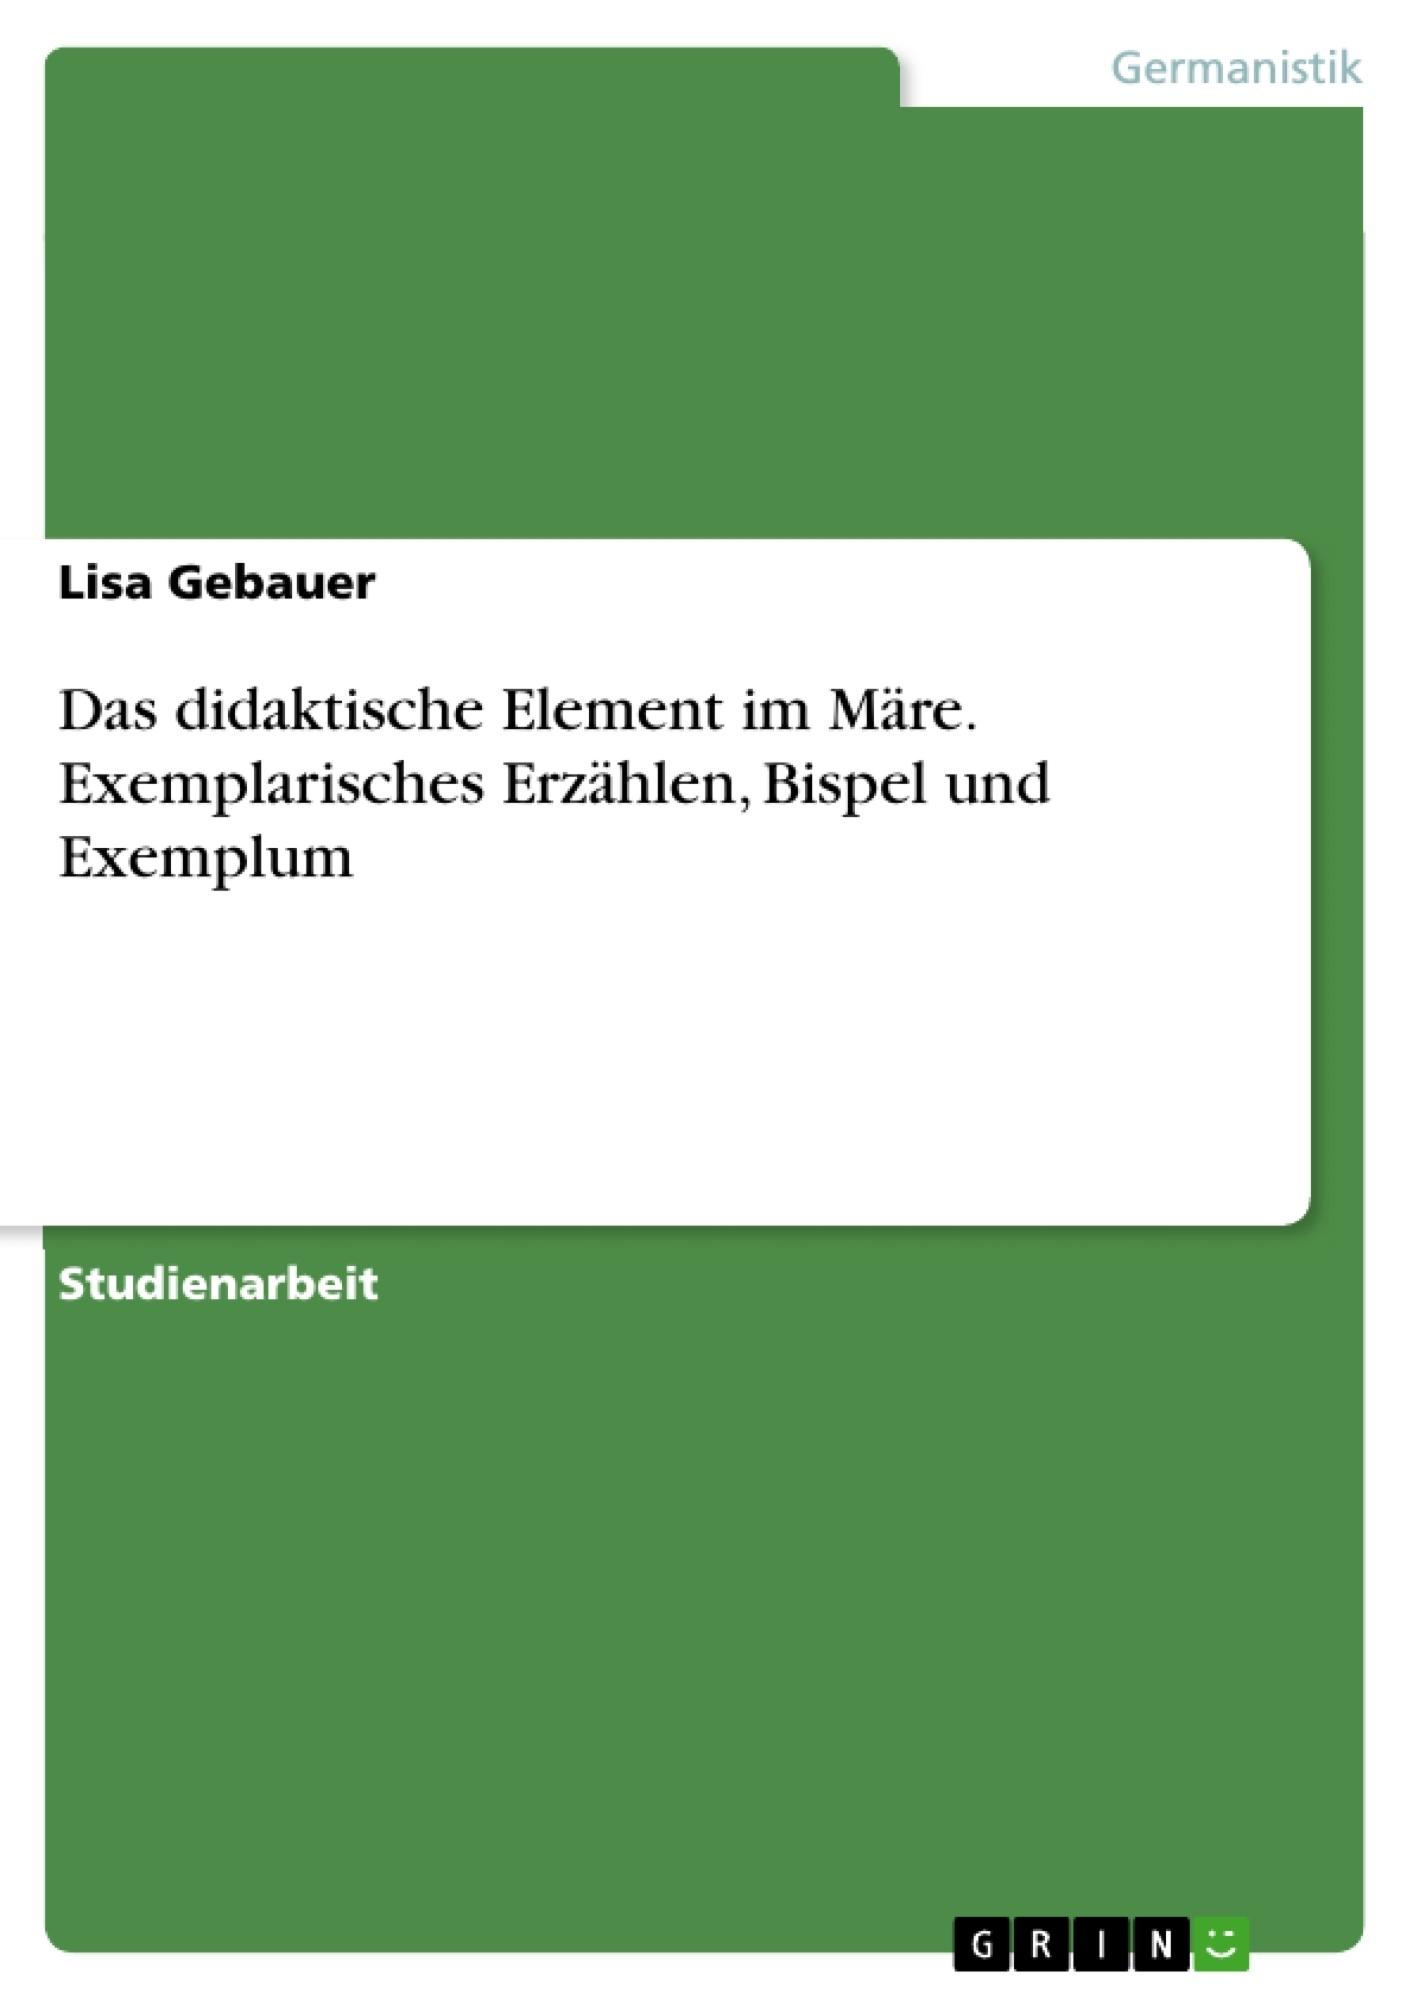 Titel: Das didaktische Element im Märe. Exemplarisches Erzählen, Bispel und Exemplum